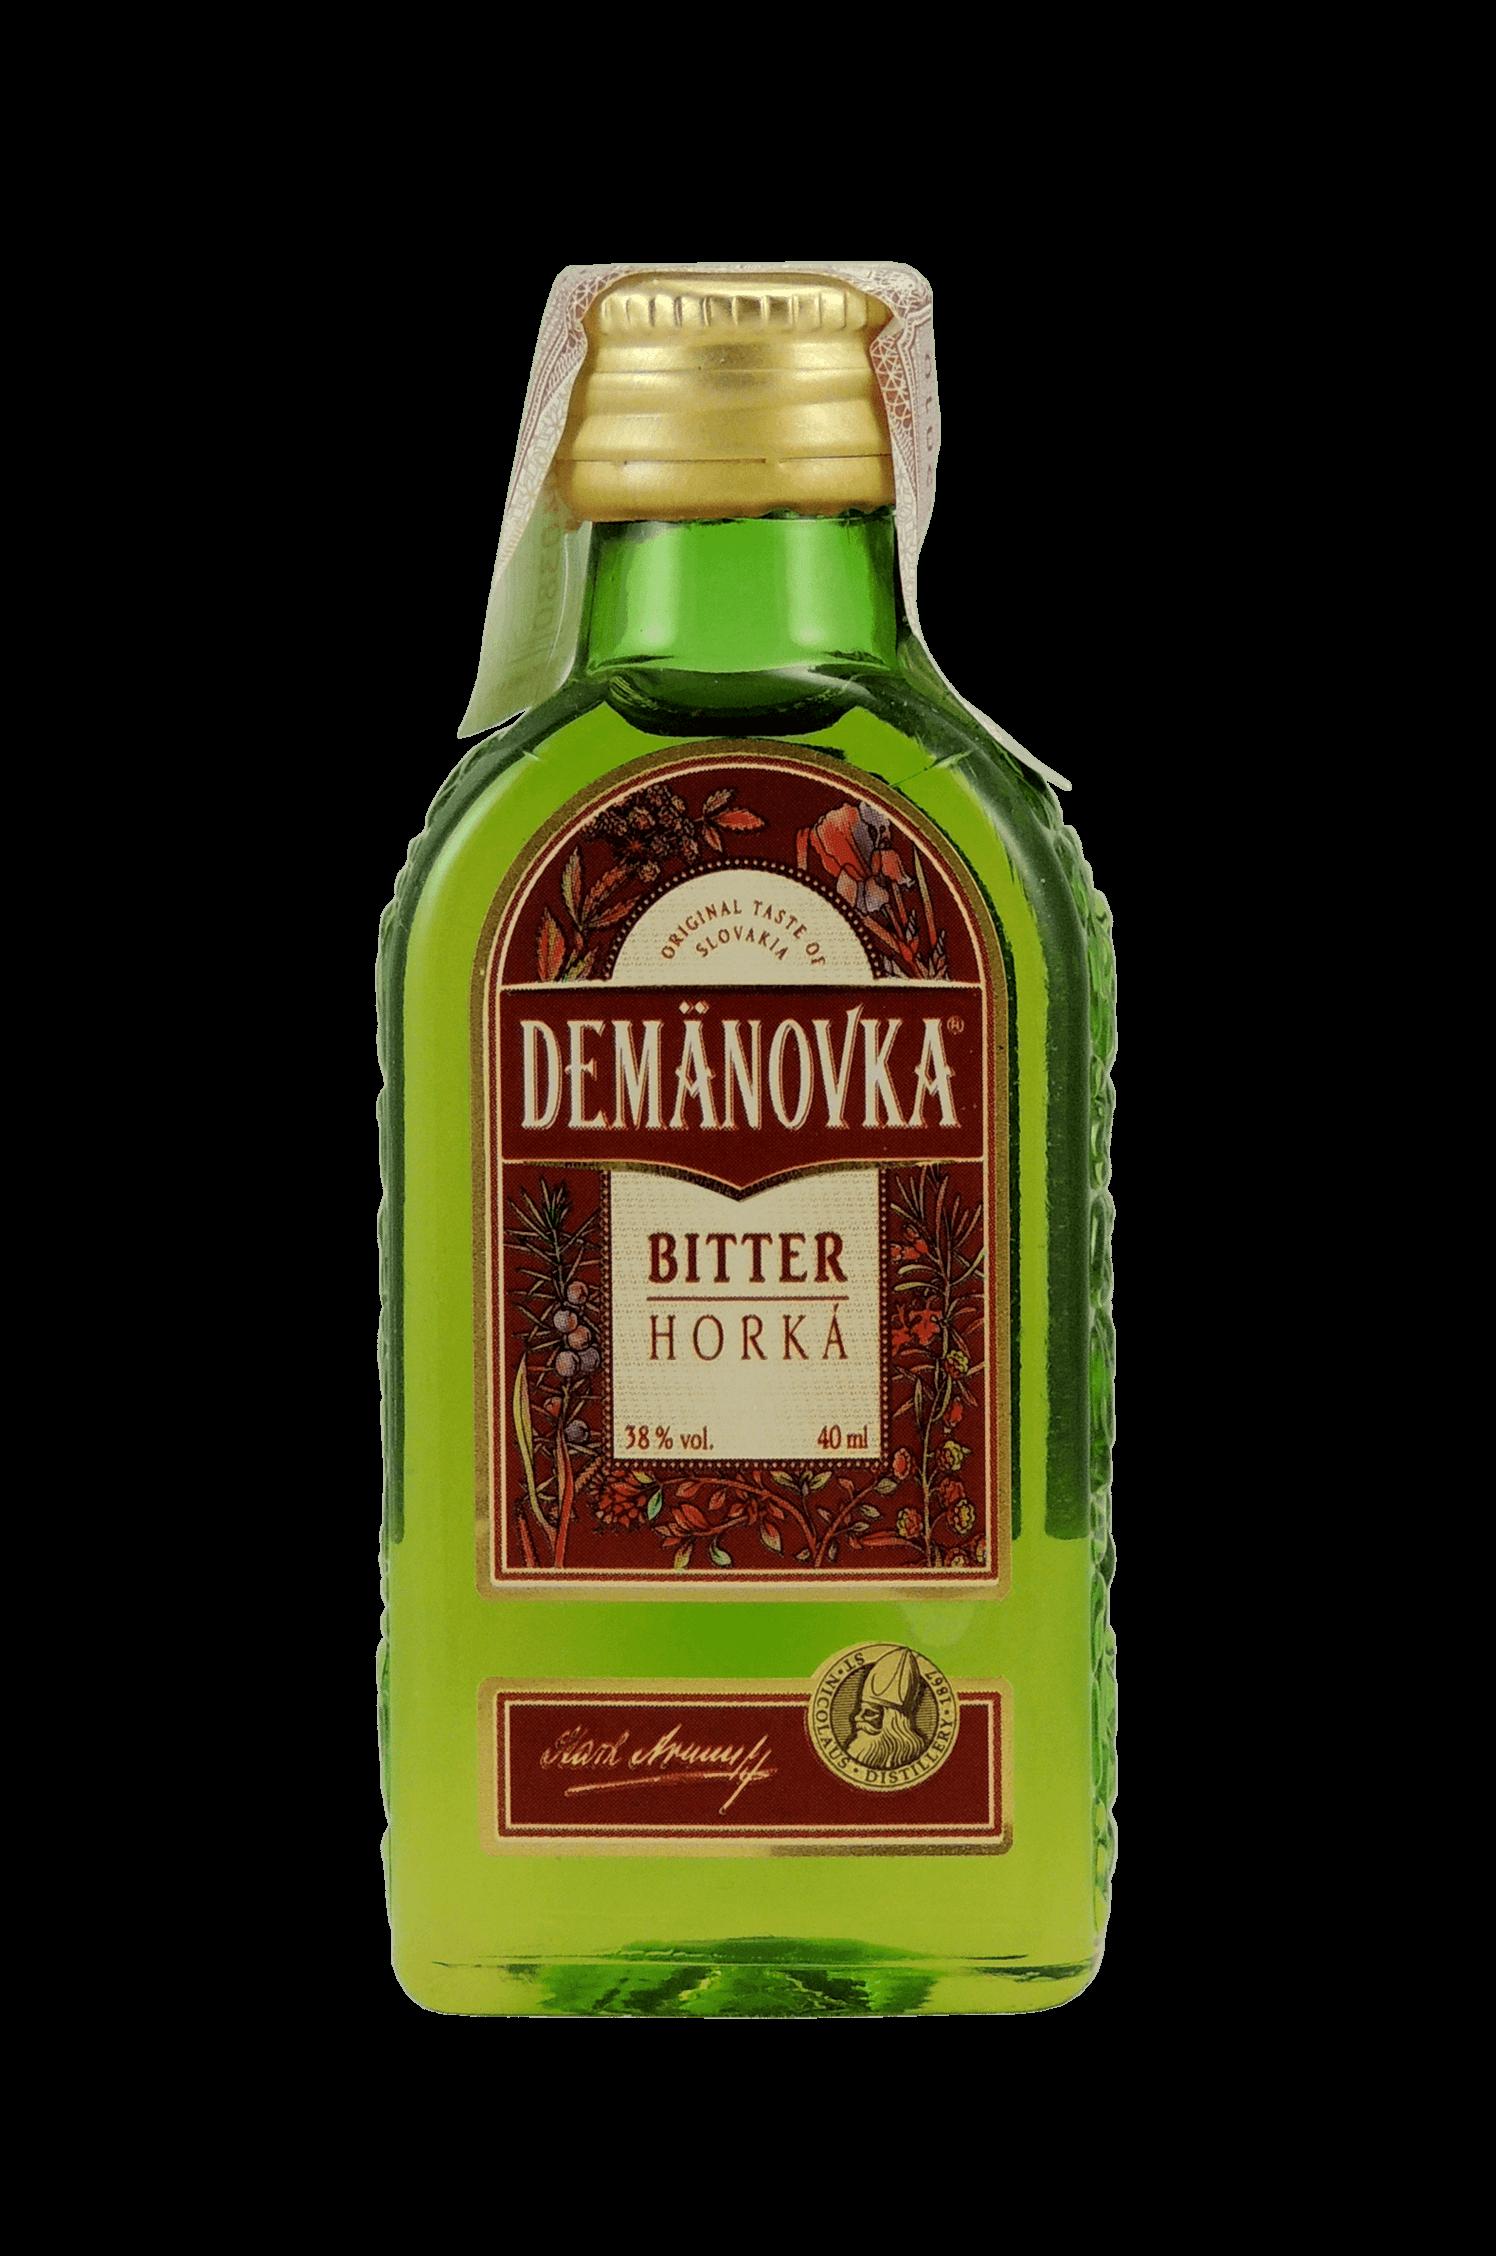 Demänovka Bitter Horká